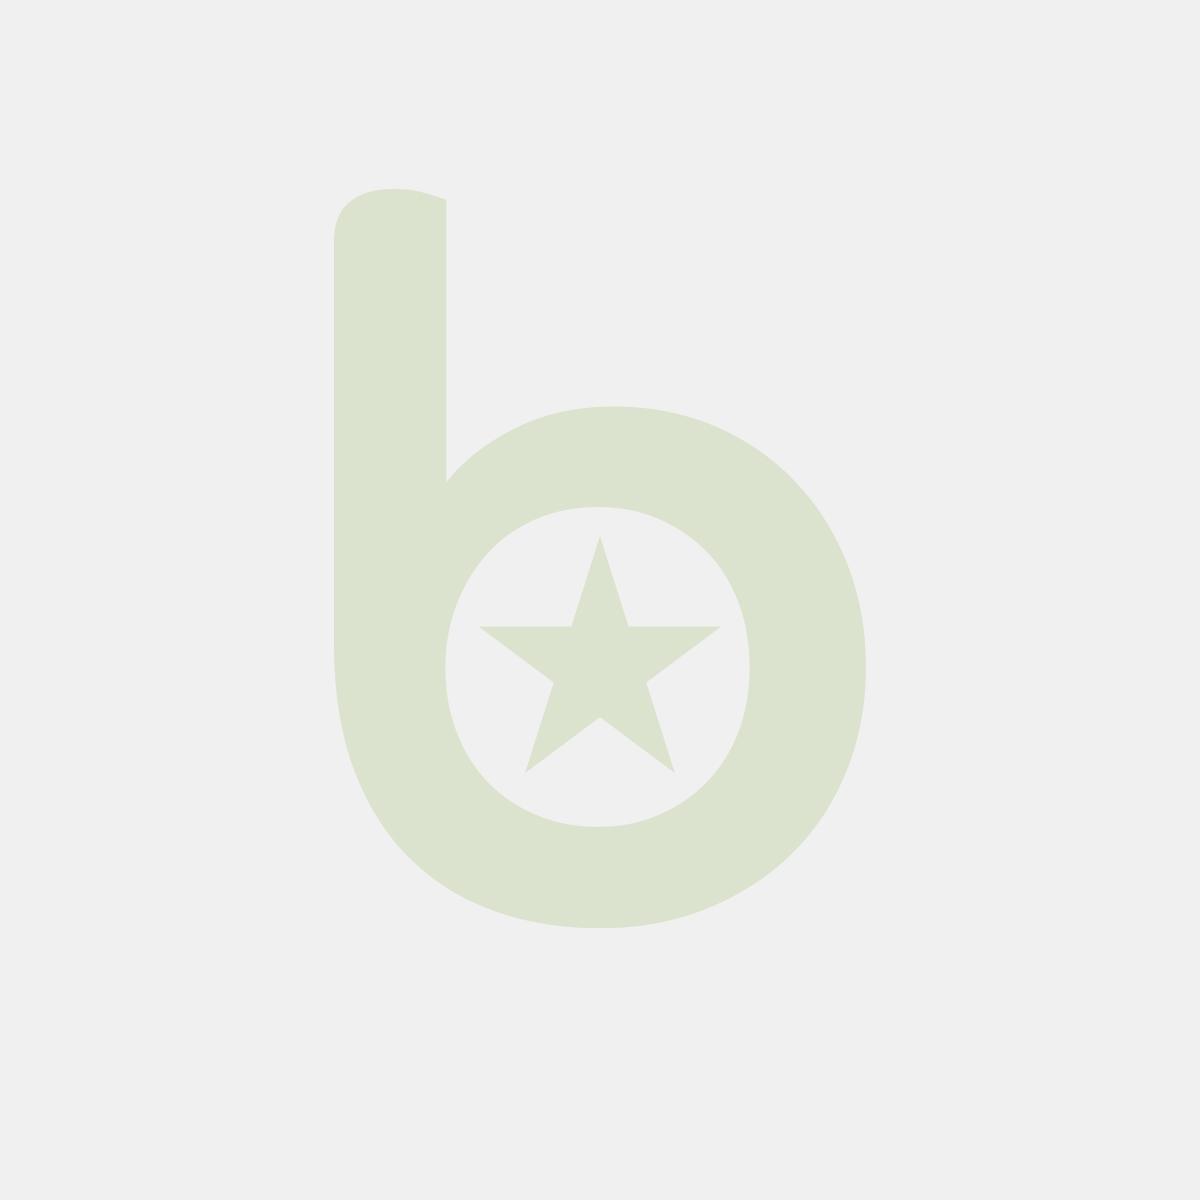 Profesionalny nóż Tiger z wymiennym ostrzem Bantex, 862301